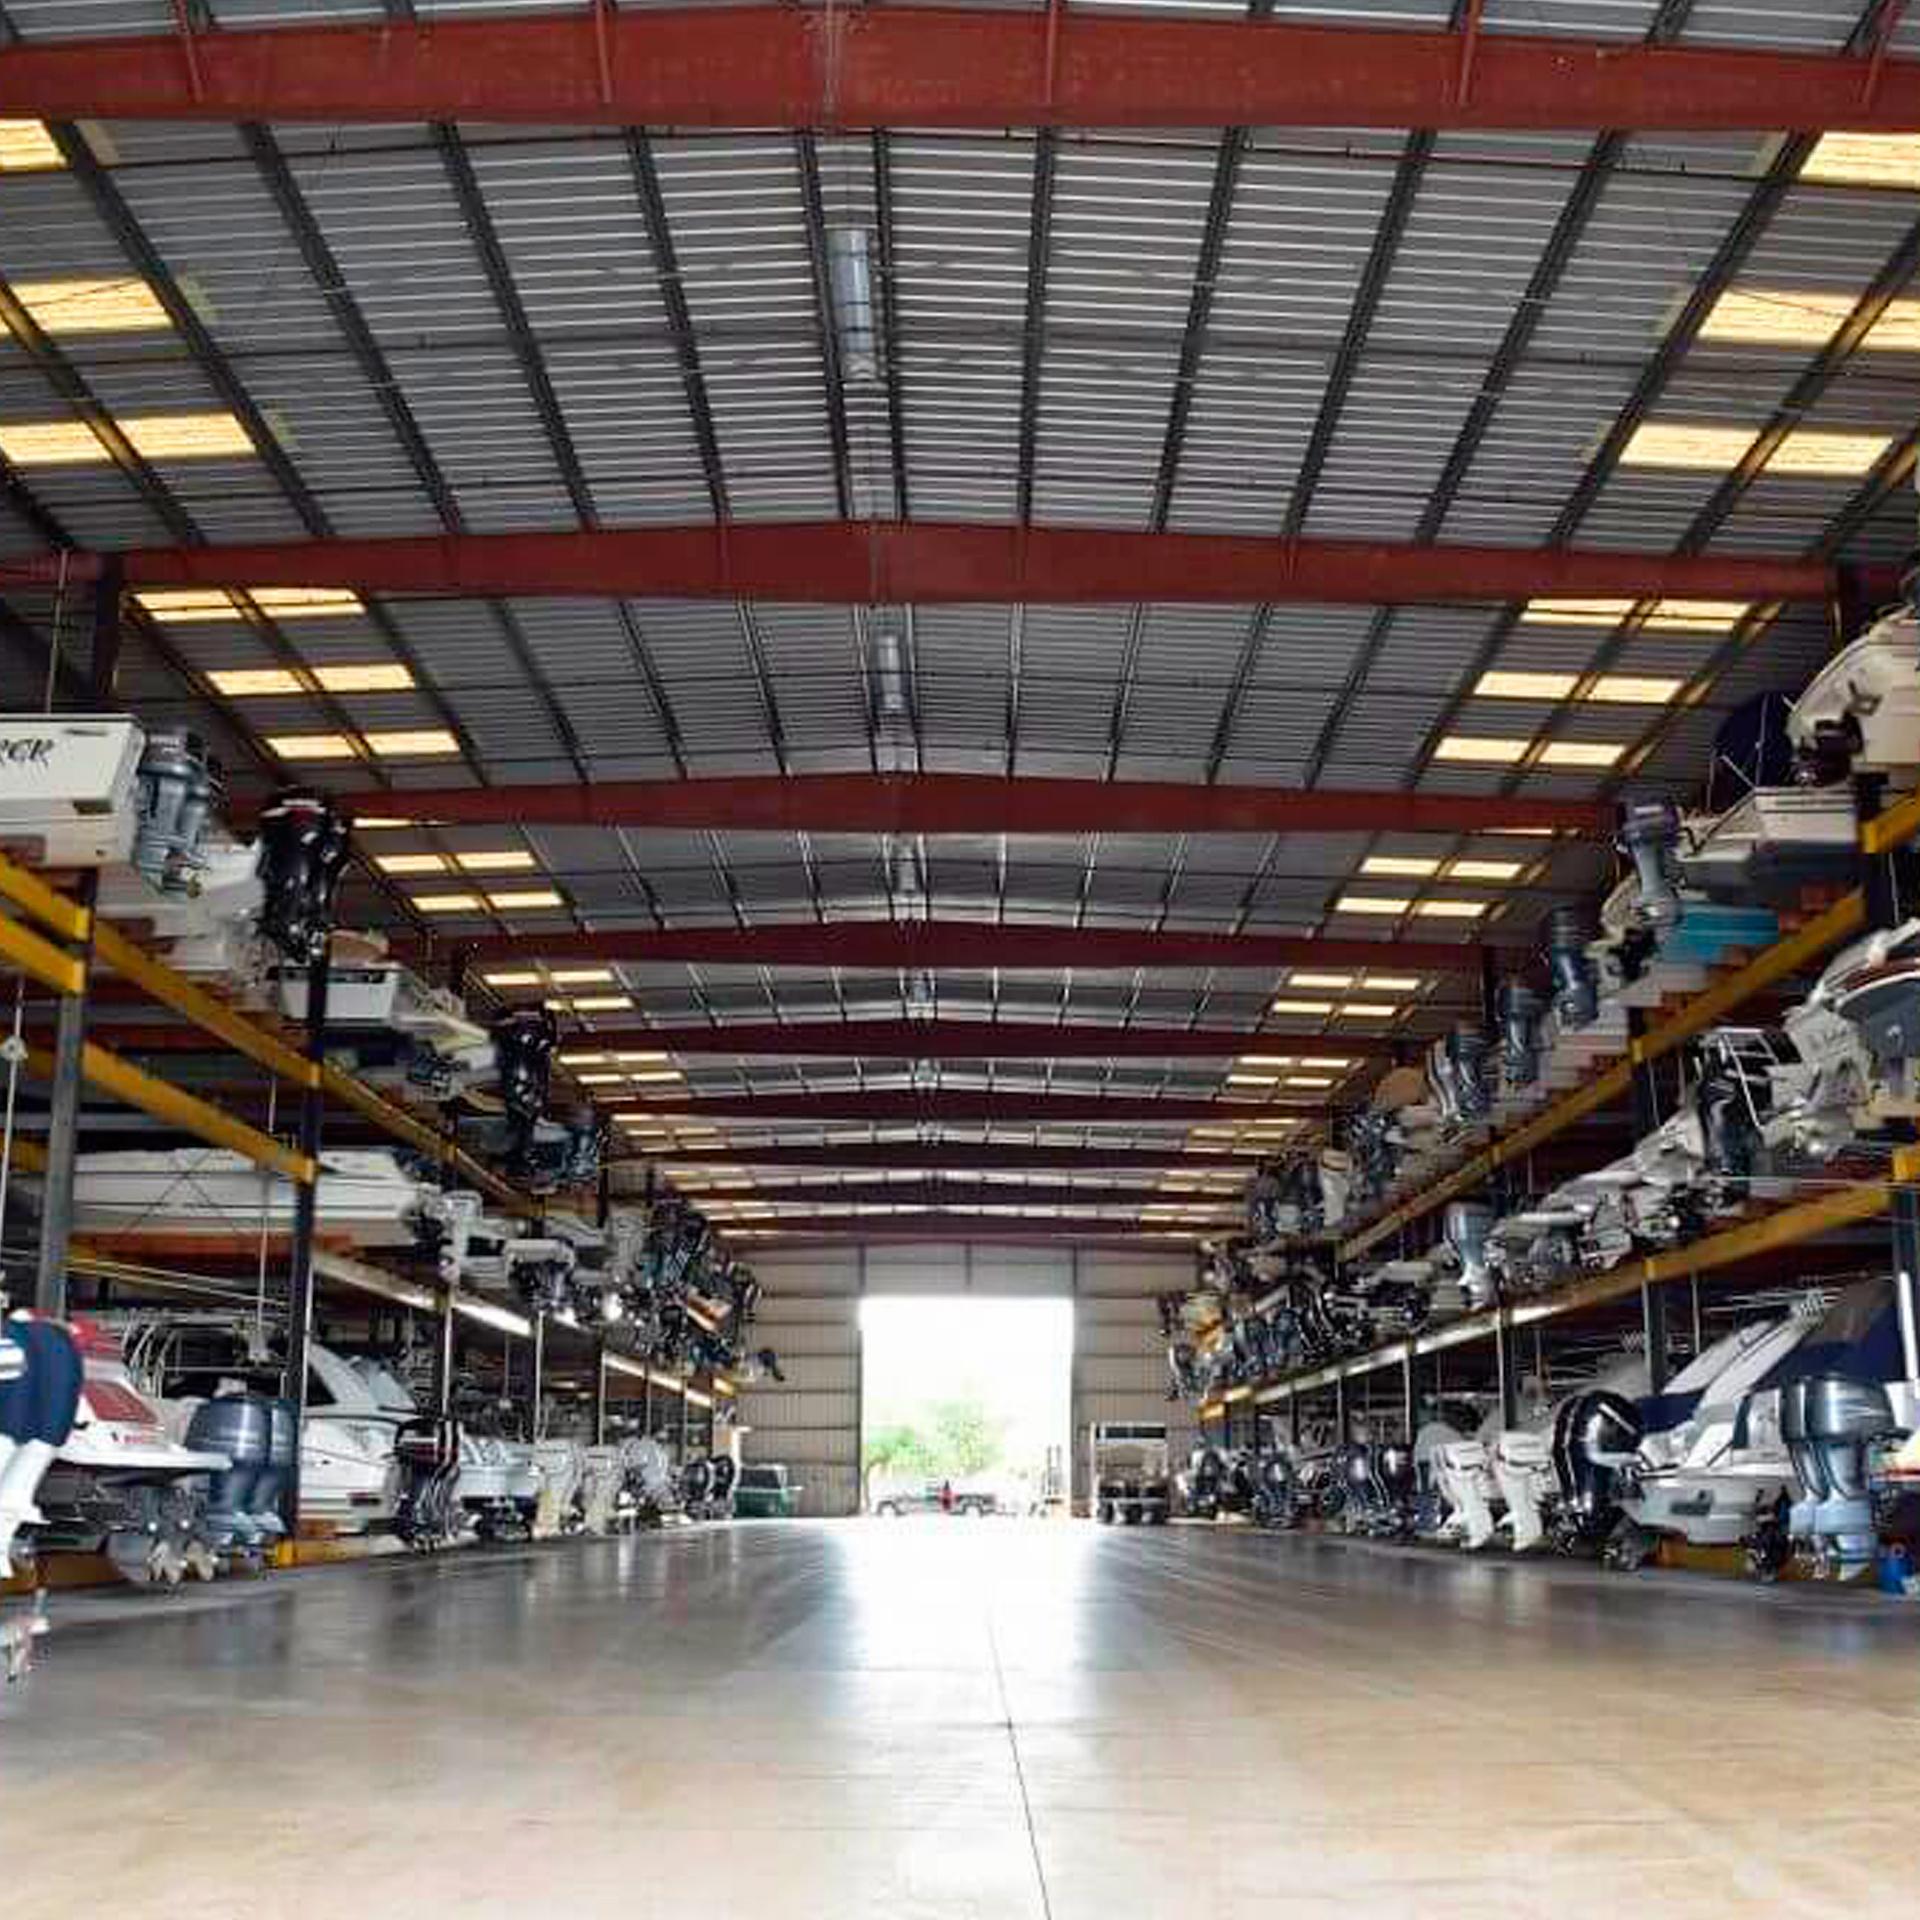 Riverwatch Marina Dry Storage Facility